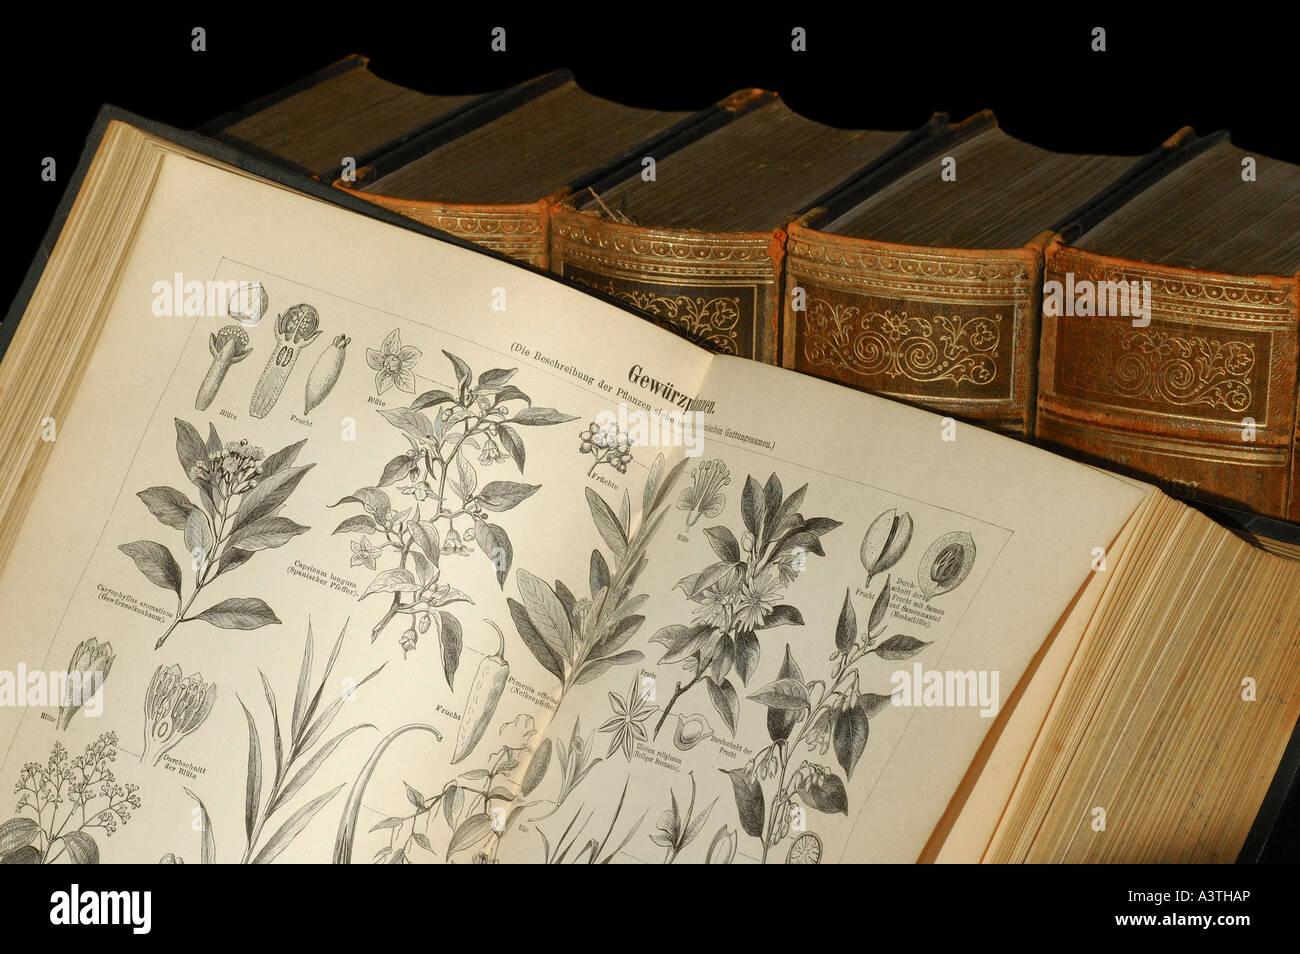 Illustrazioni di piante aromatiche in una vecchia enciclopedia Immagini Stock